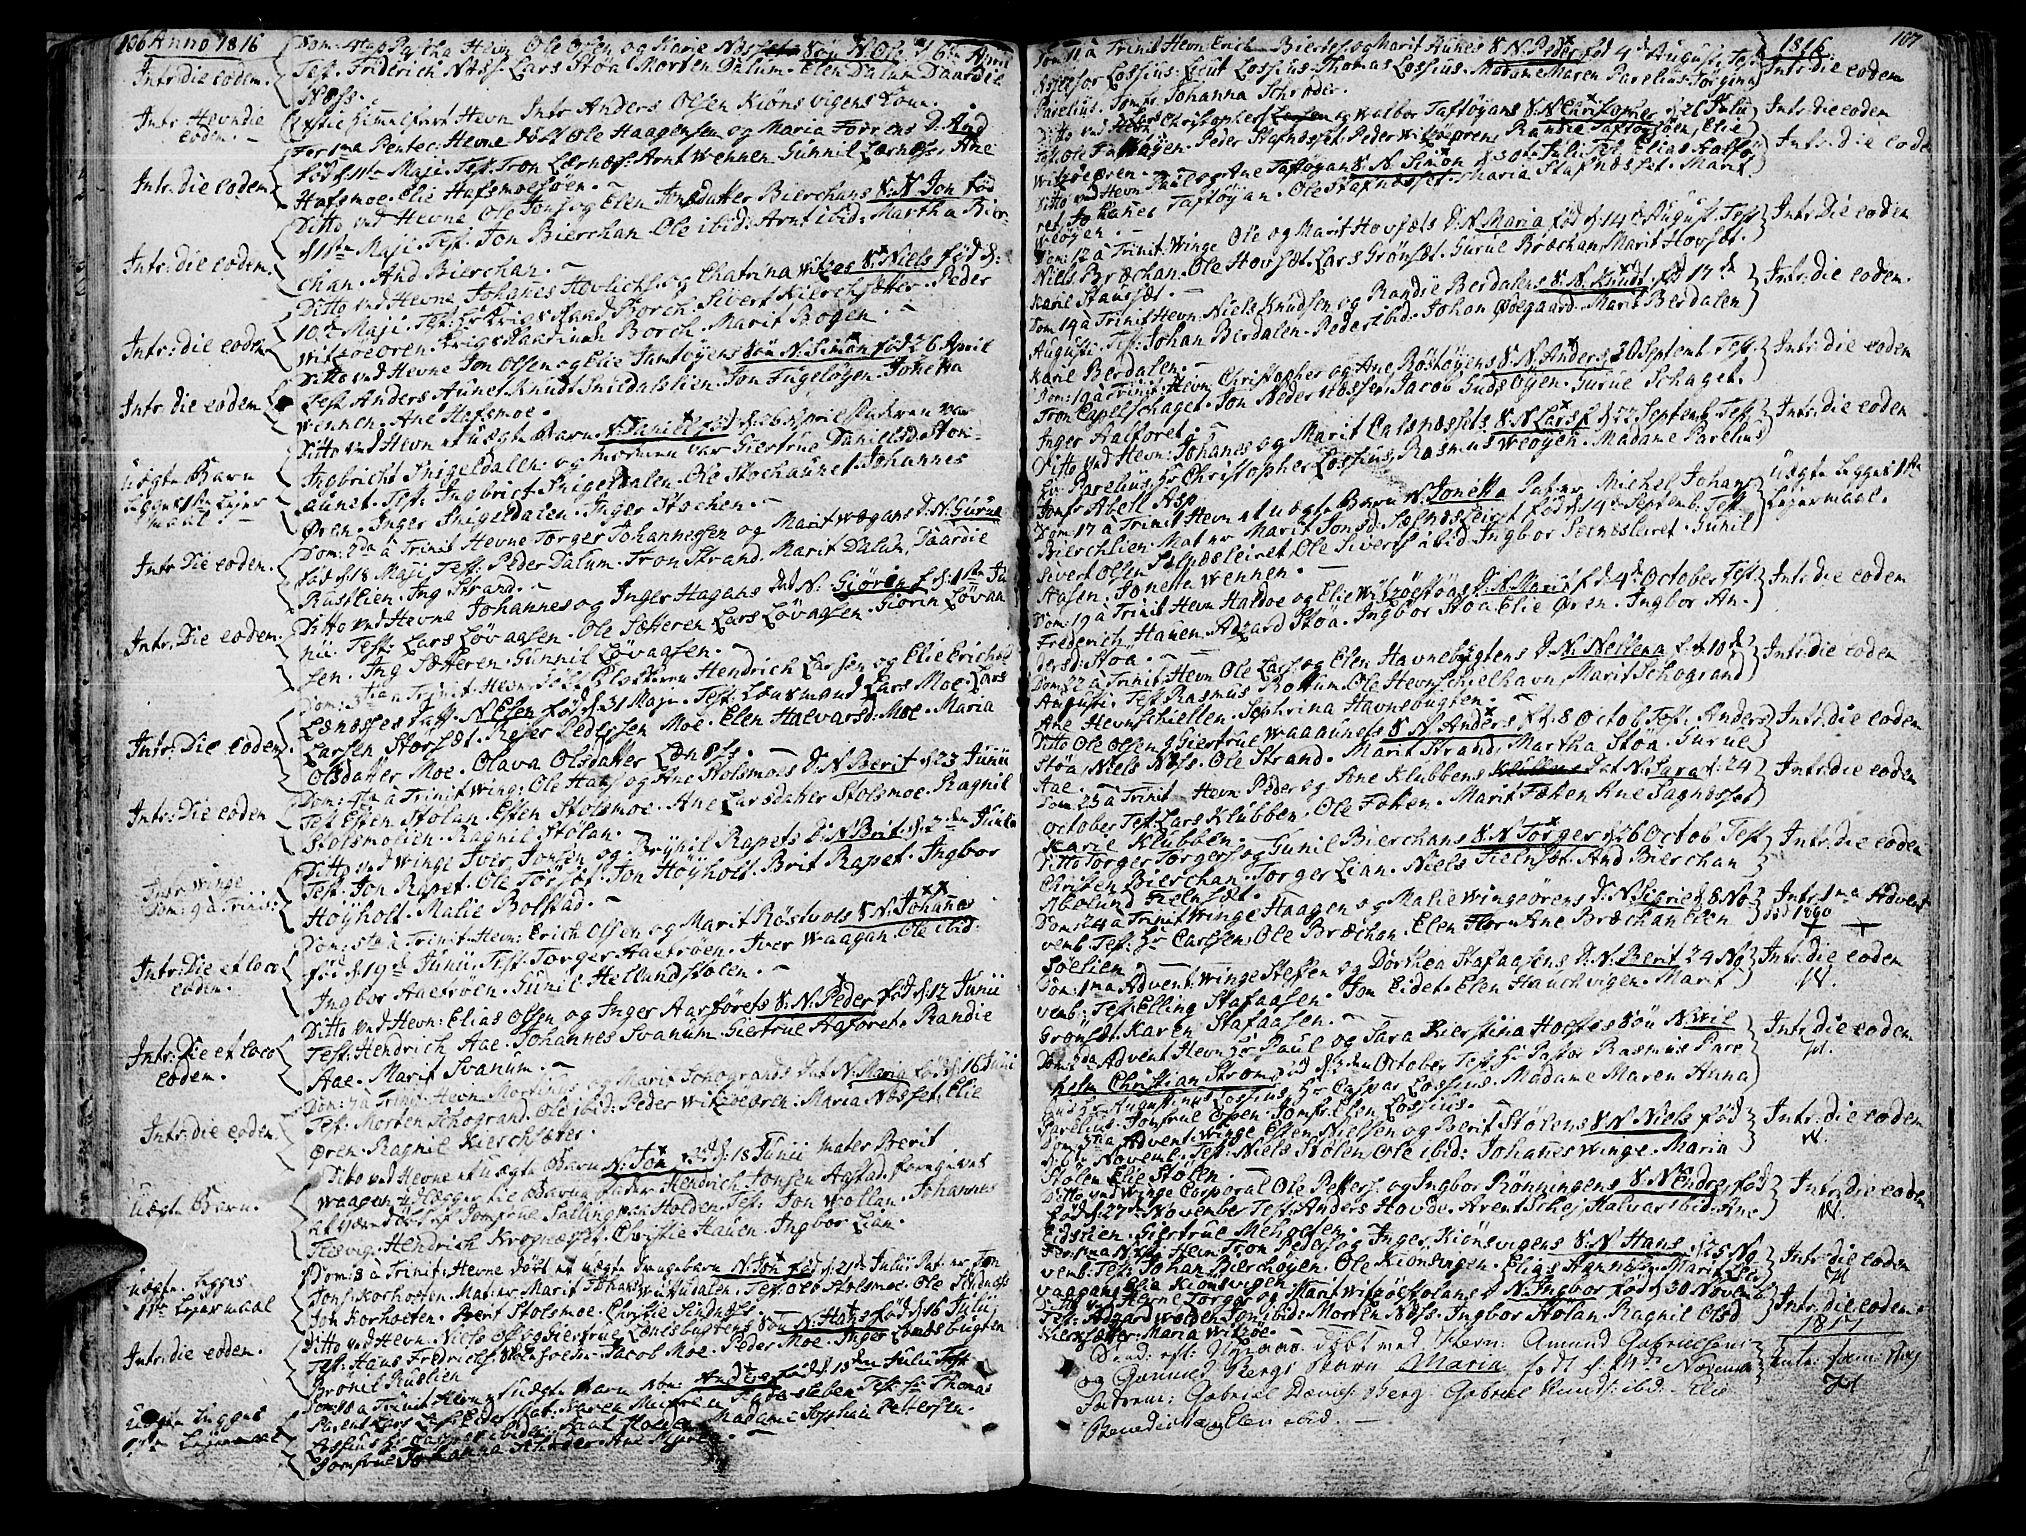 SAT, Ministerialprotokoller, klokkerbøker og fødselsregistre - Sør-Trøndelag, 630/L0490: Ministerialbok nr. 630A03, 1795-1818, s. 106-107